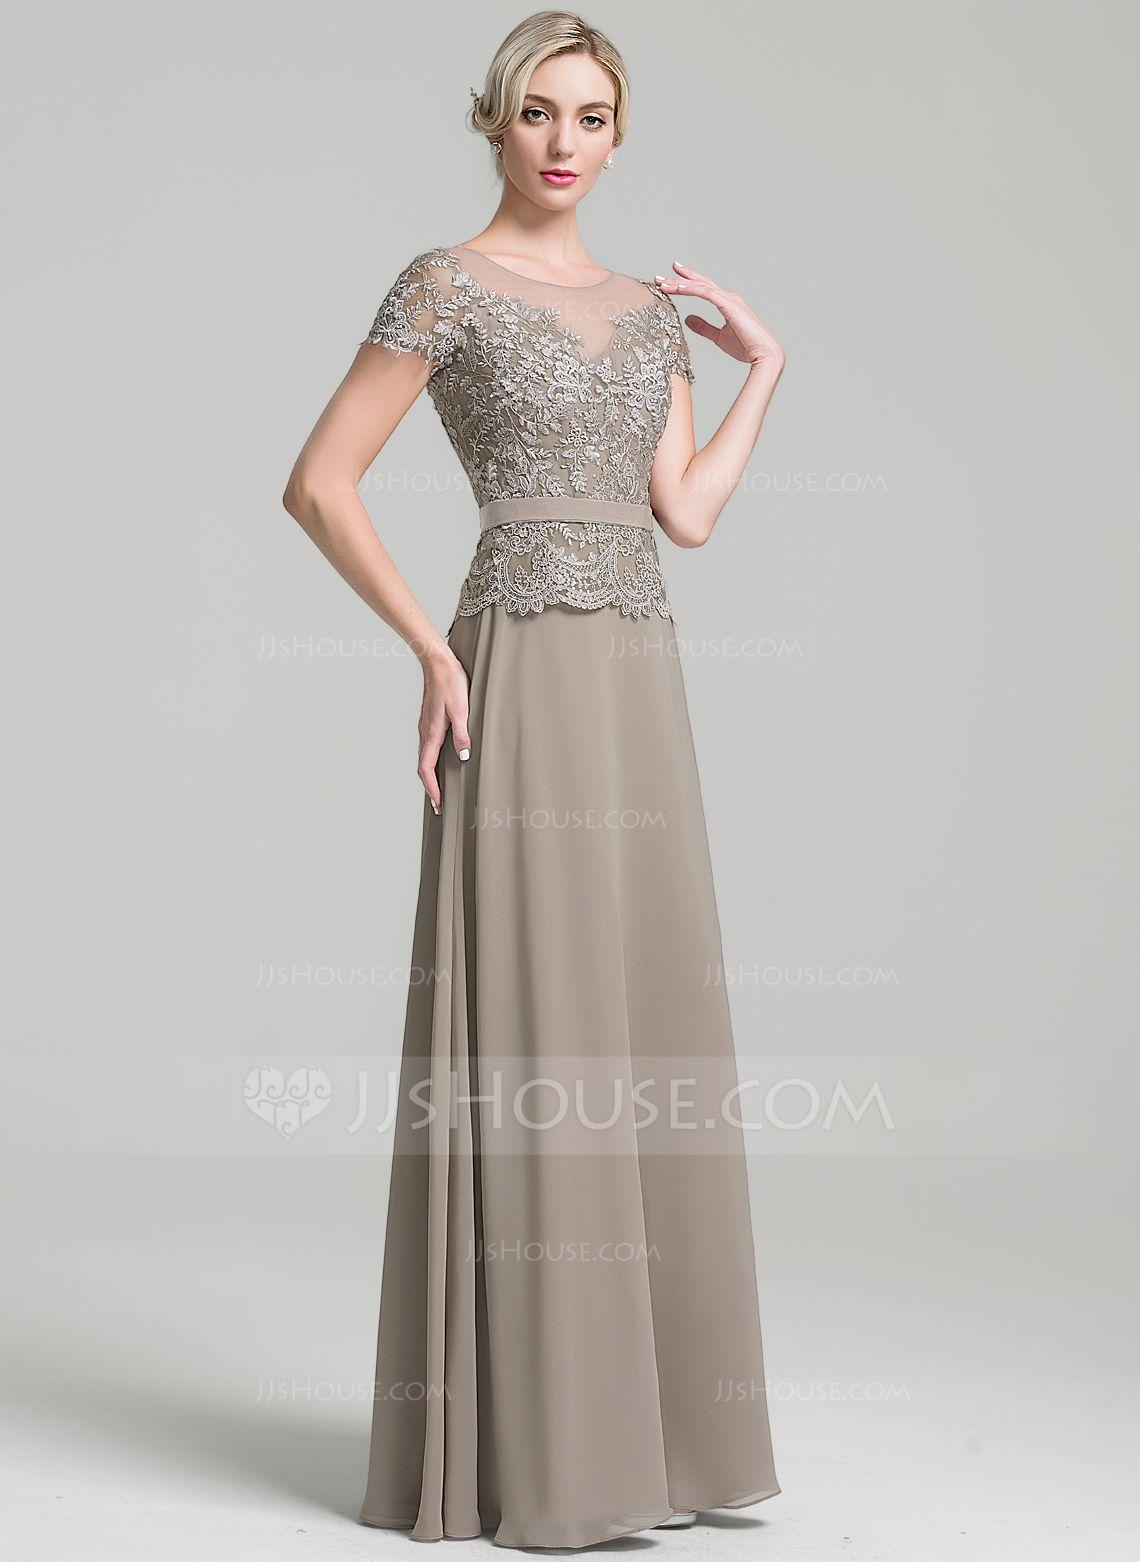 2a41afdc02809 Corte A Princesa Escote redondo Hasta el suelo Gasa Vestido de madrina  (008091955) - JJsHouse